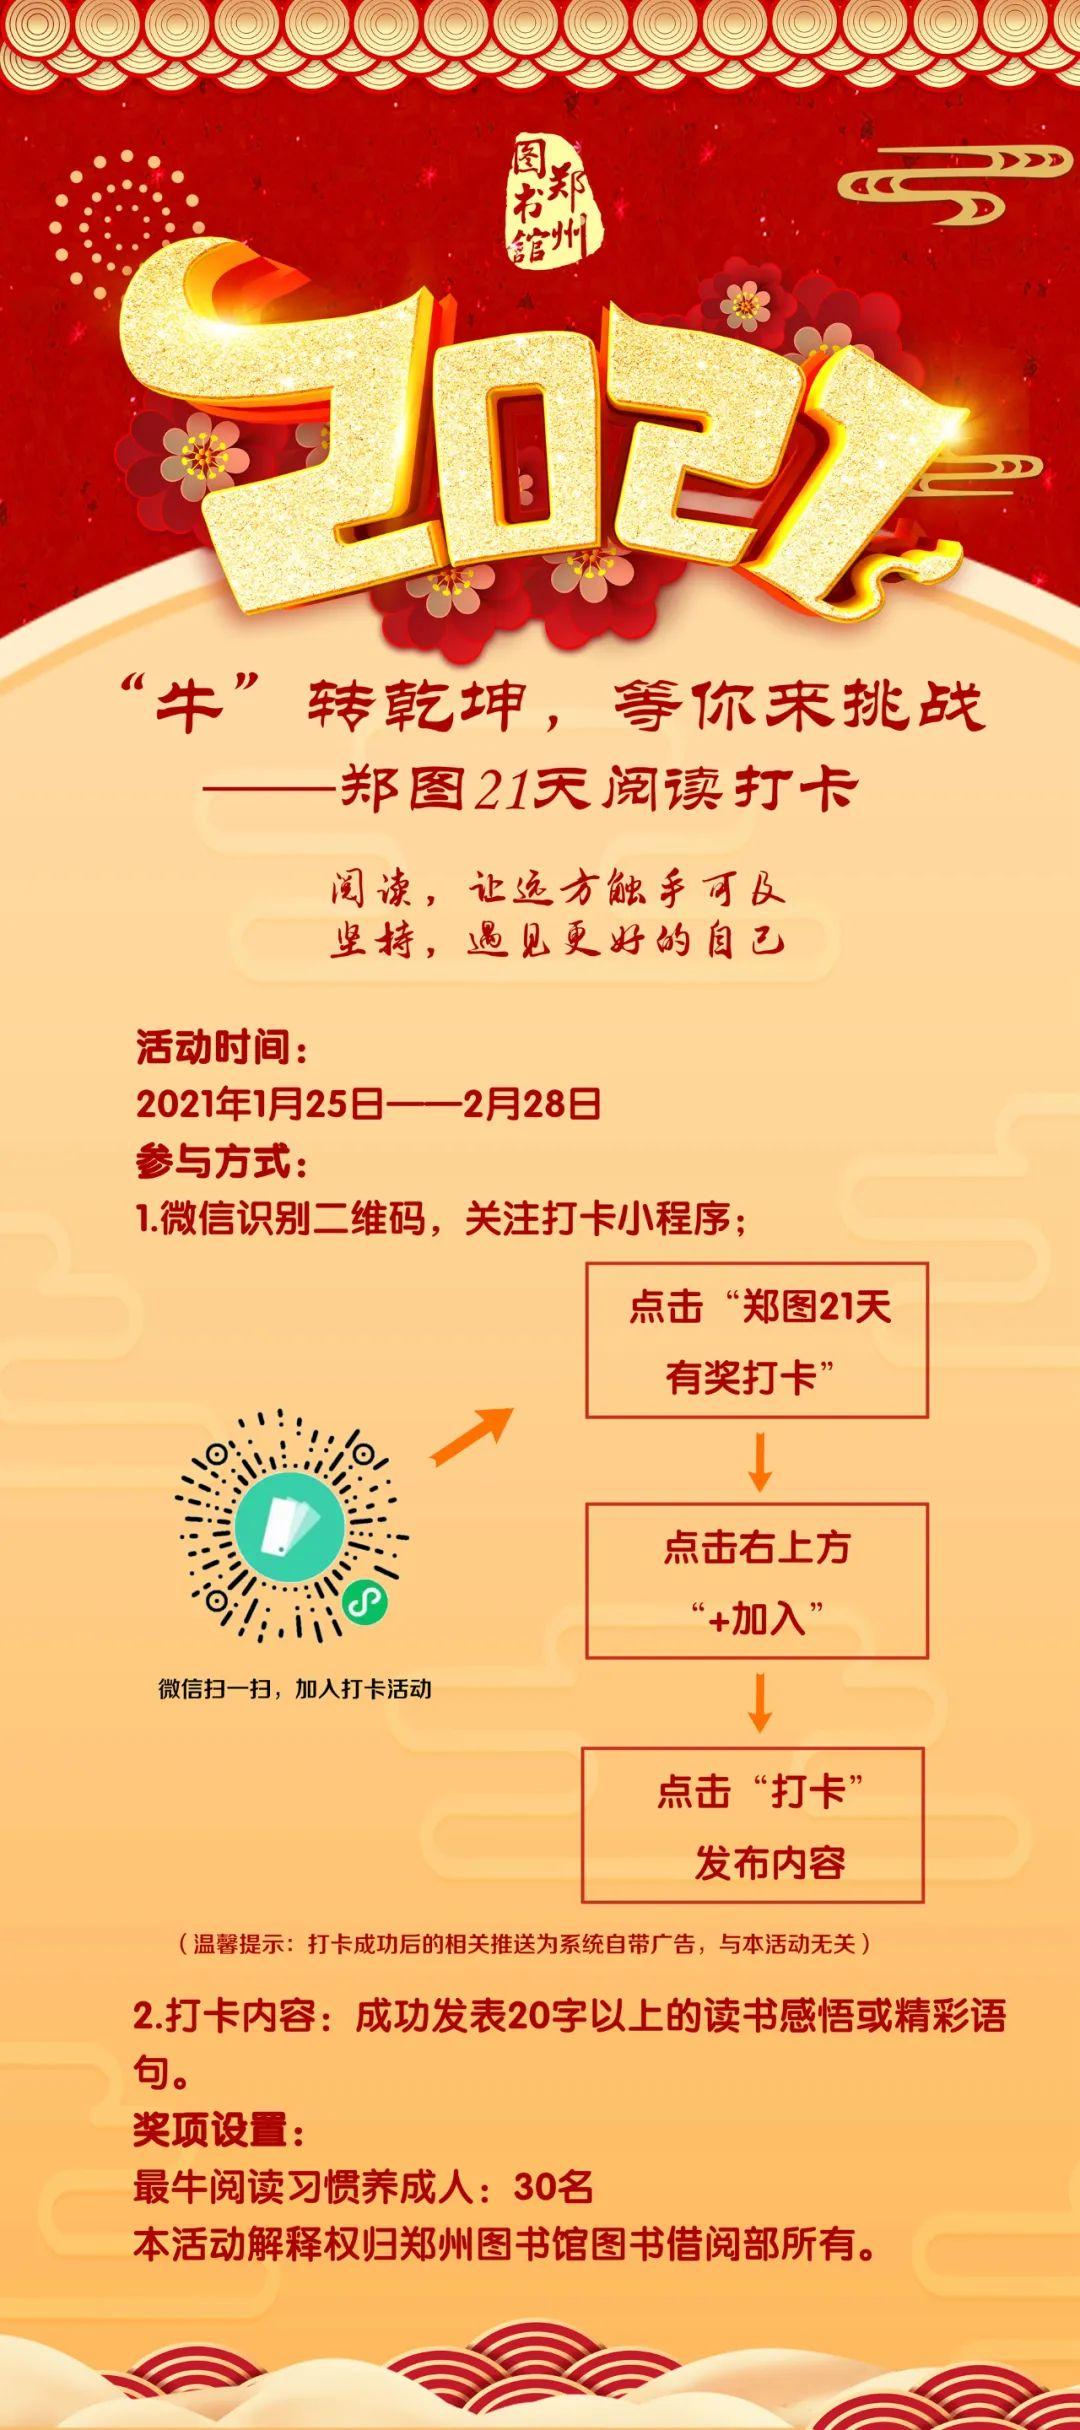 """留郑过年!郑州图书馆30余场活动邀您感受""""书香春节"""""""